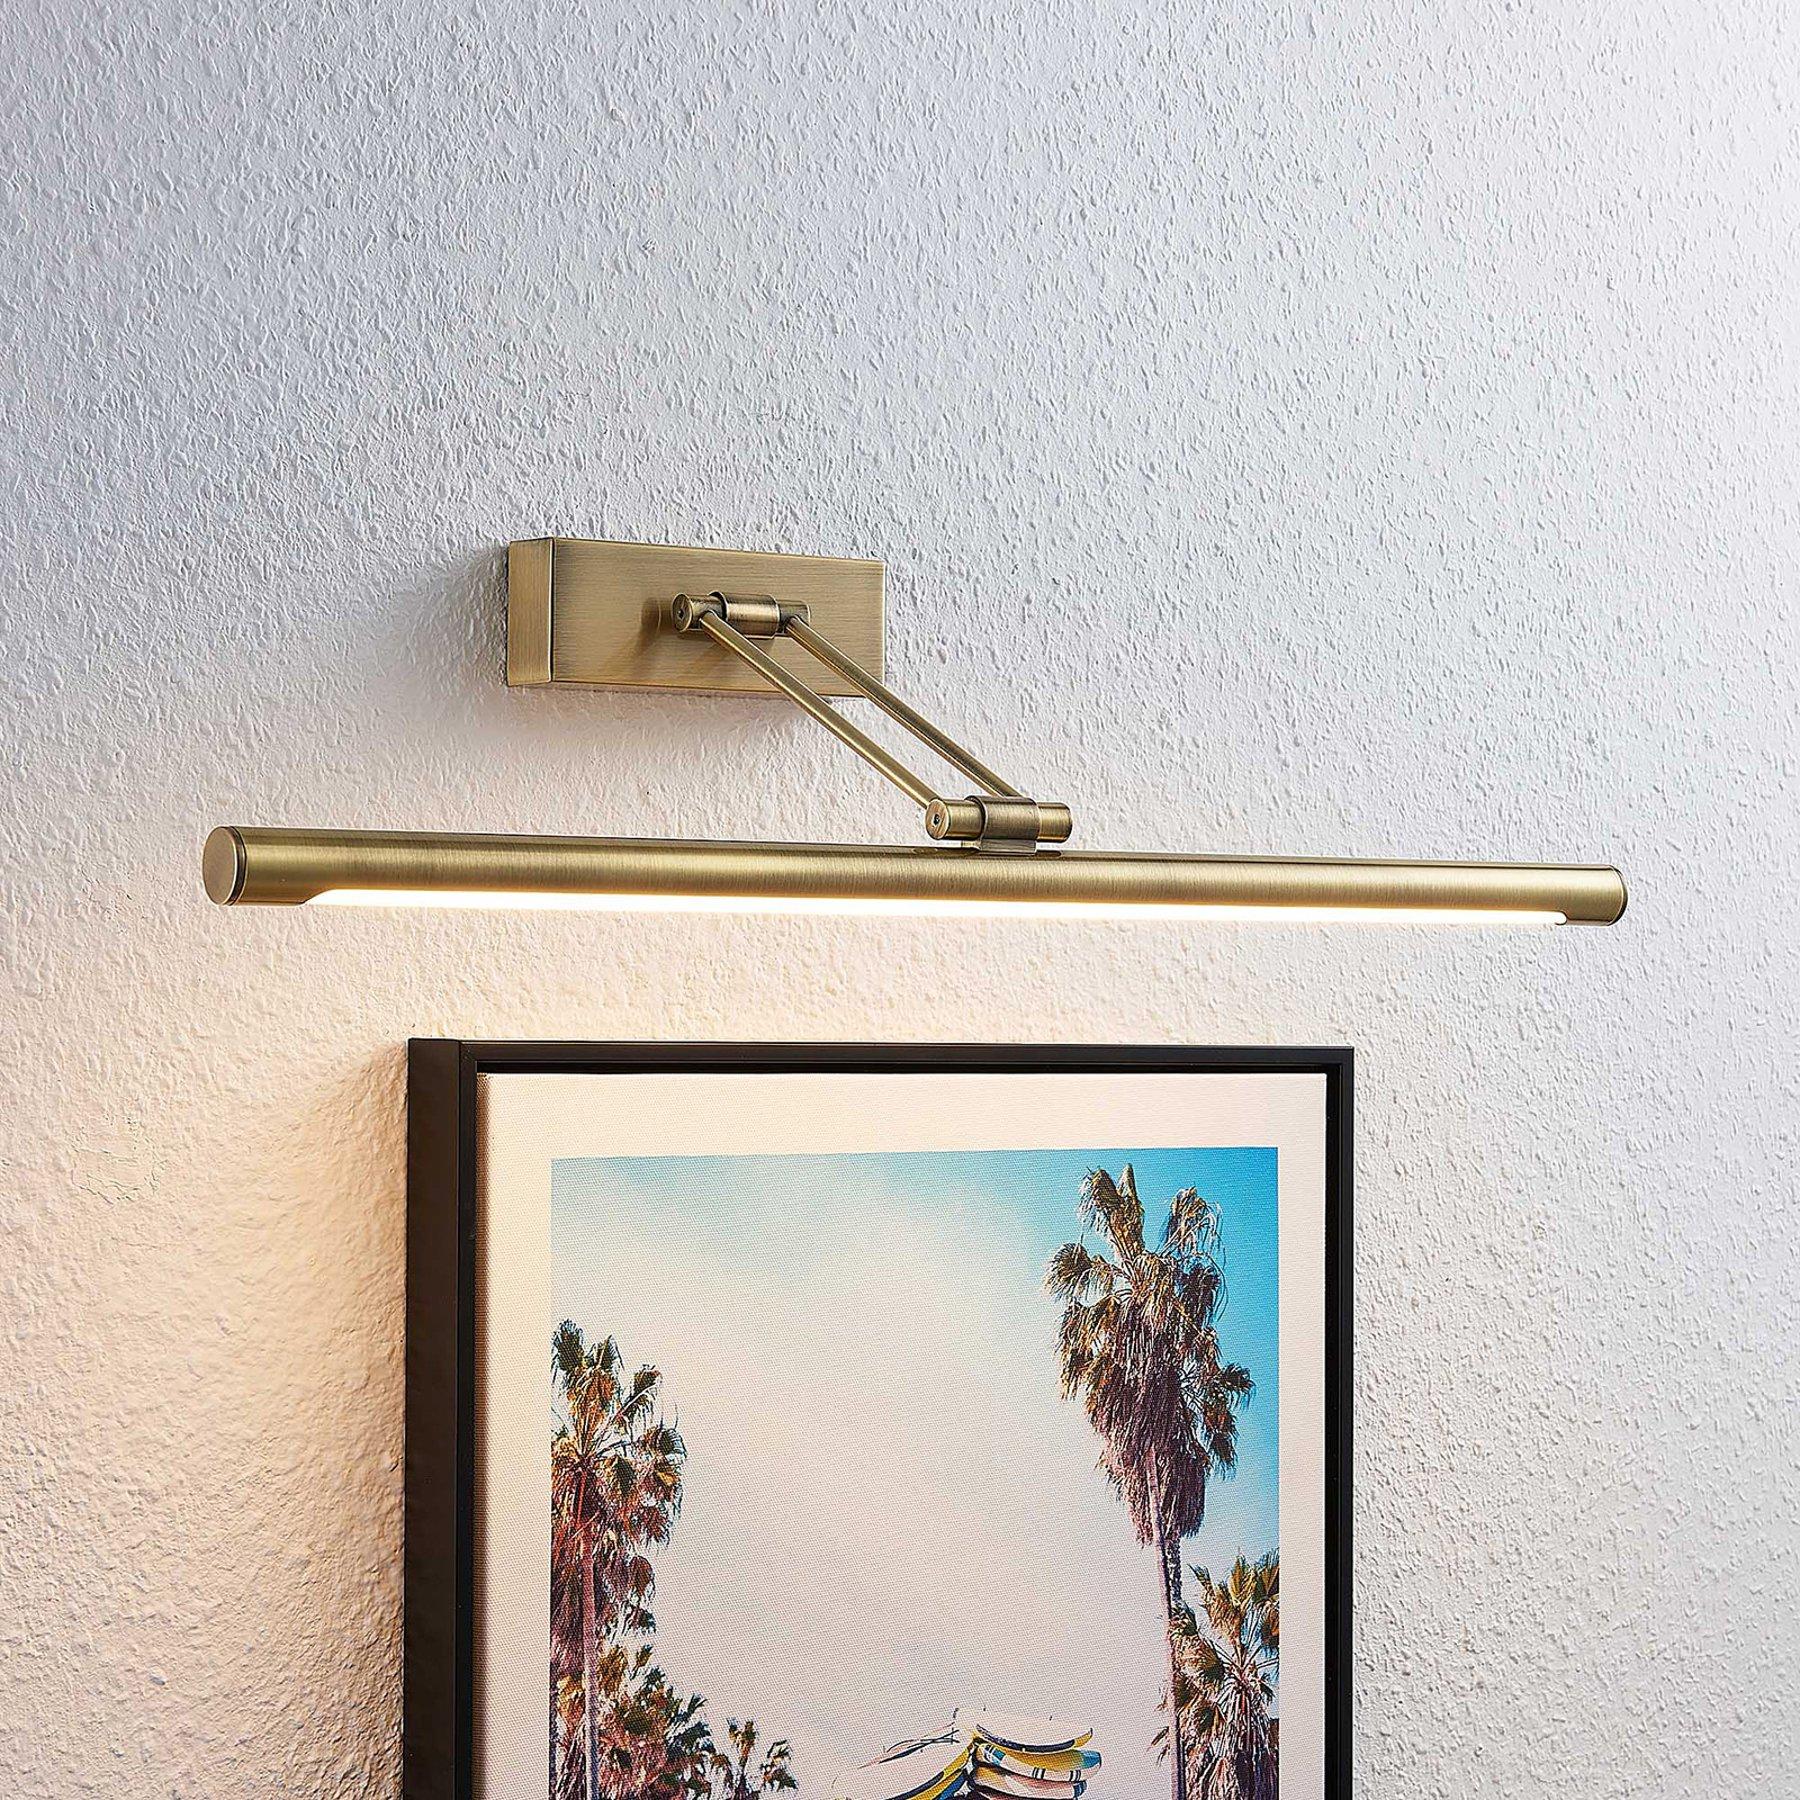 Lucande Dimitrij LED-bildelampe i antikk messing